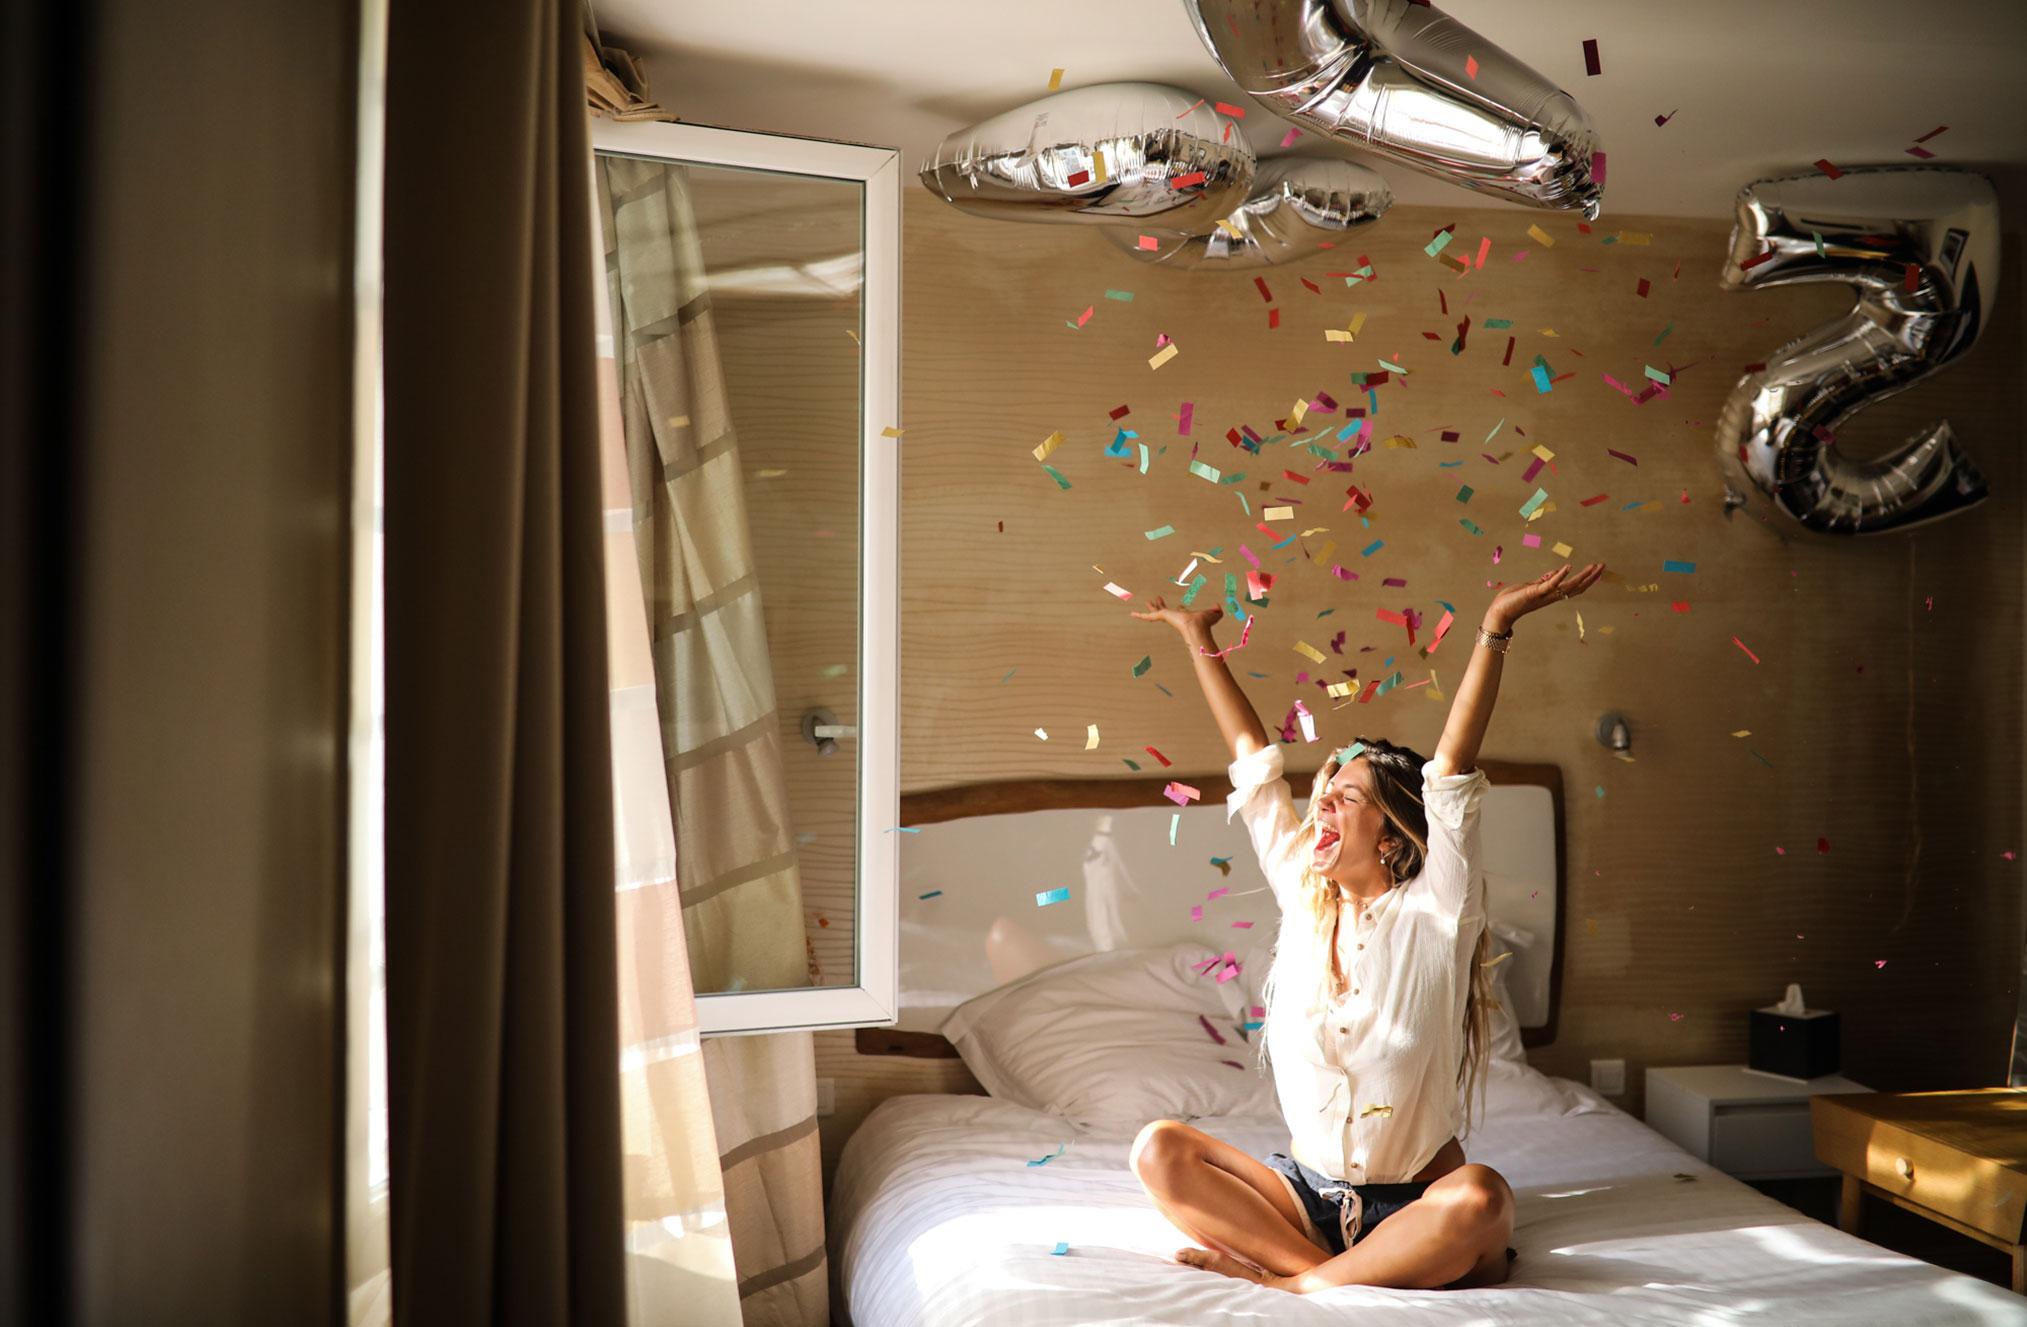 Ева Грейв в отеле Cosmopolitain в Биаррице / фото 06